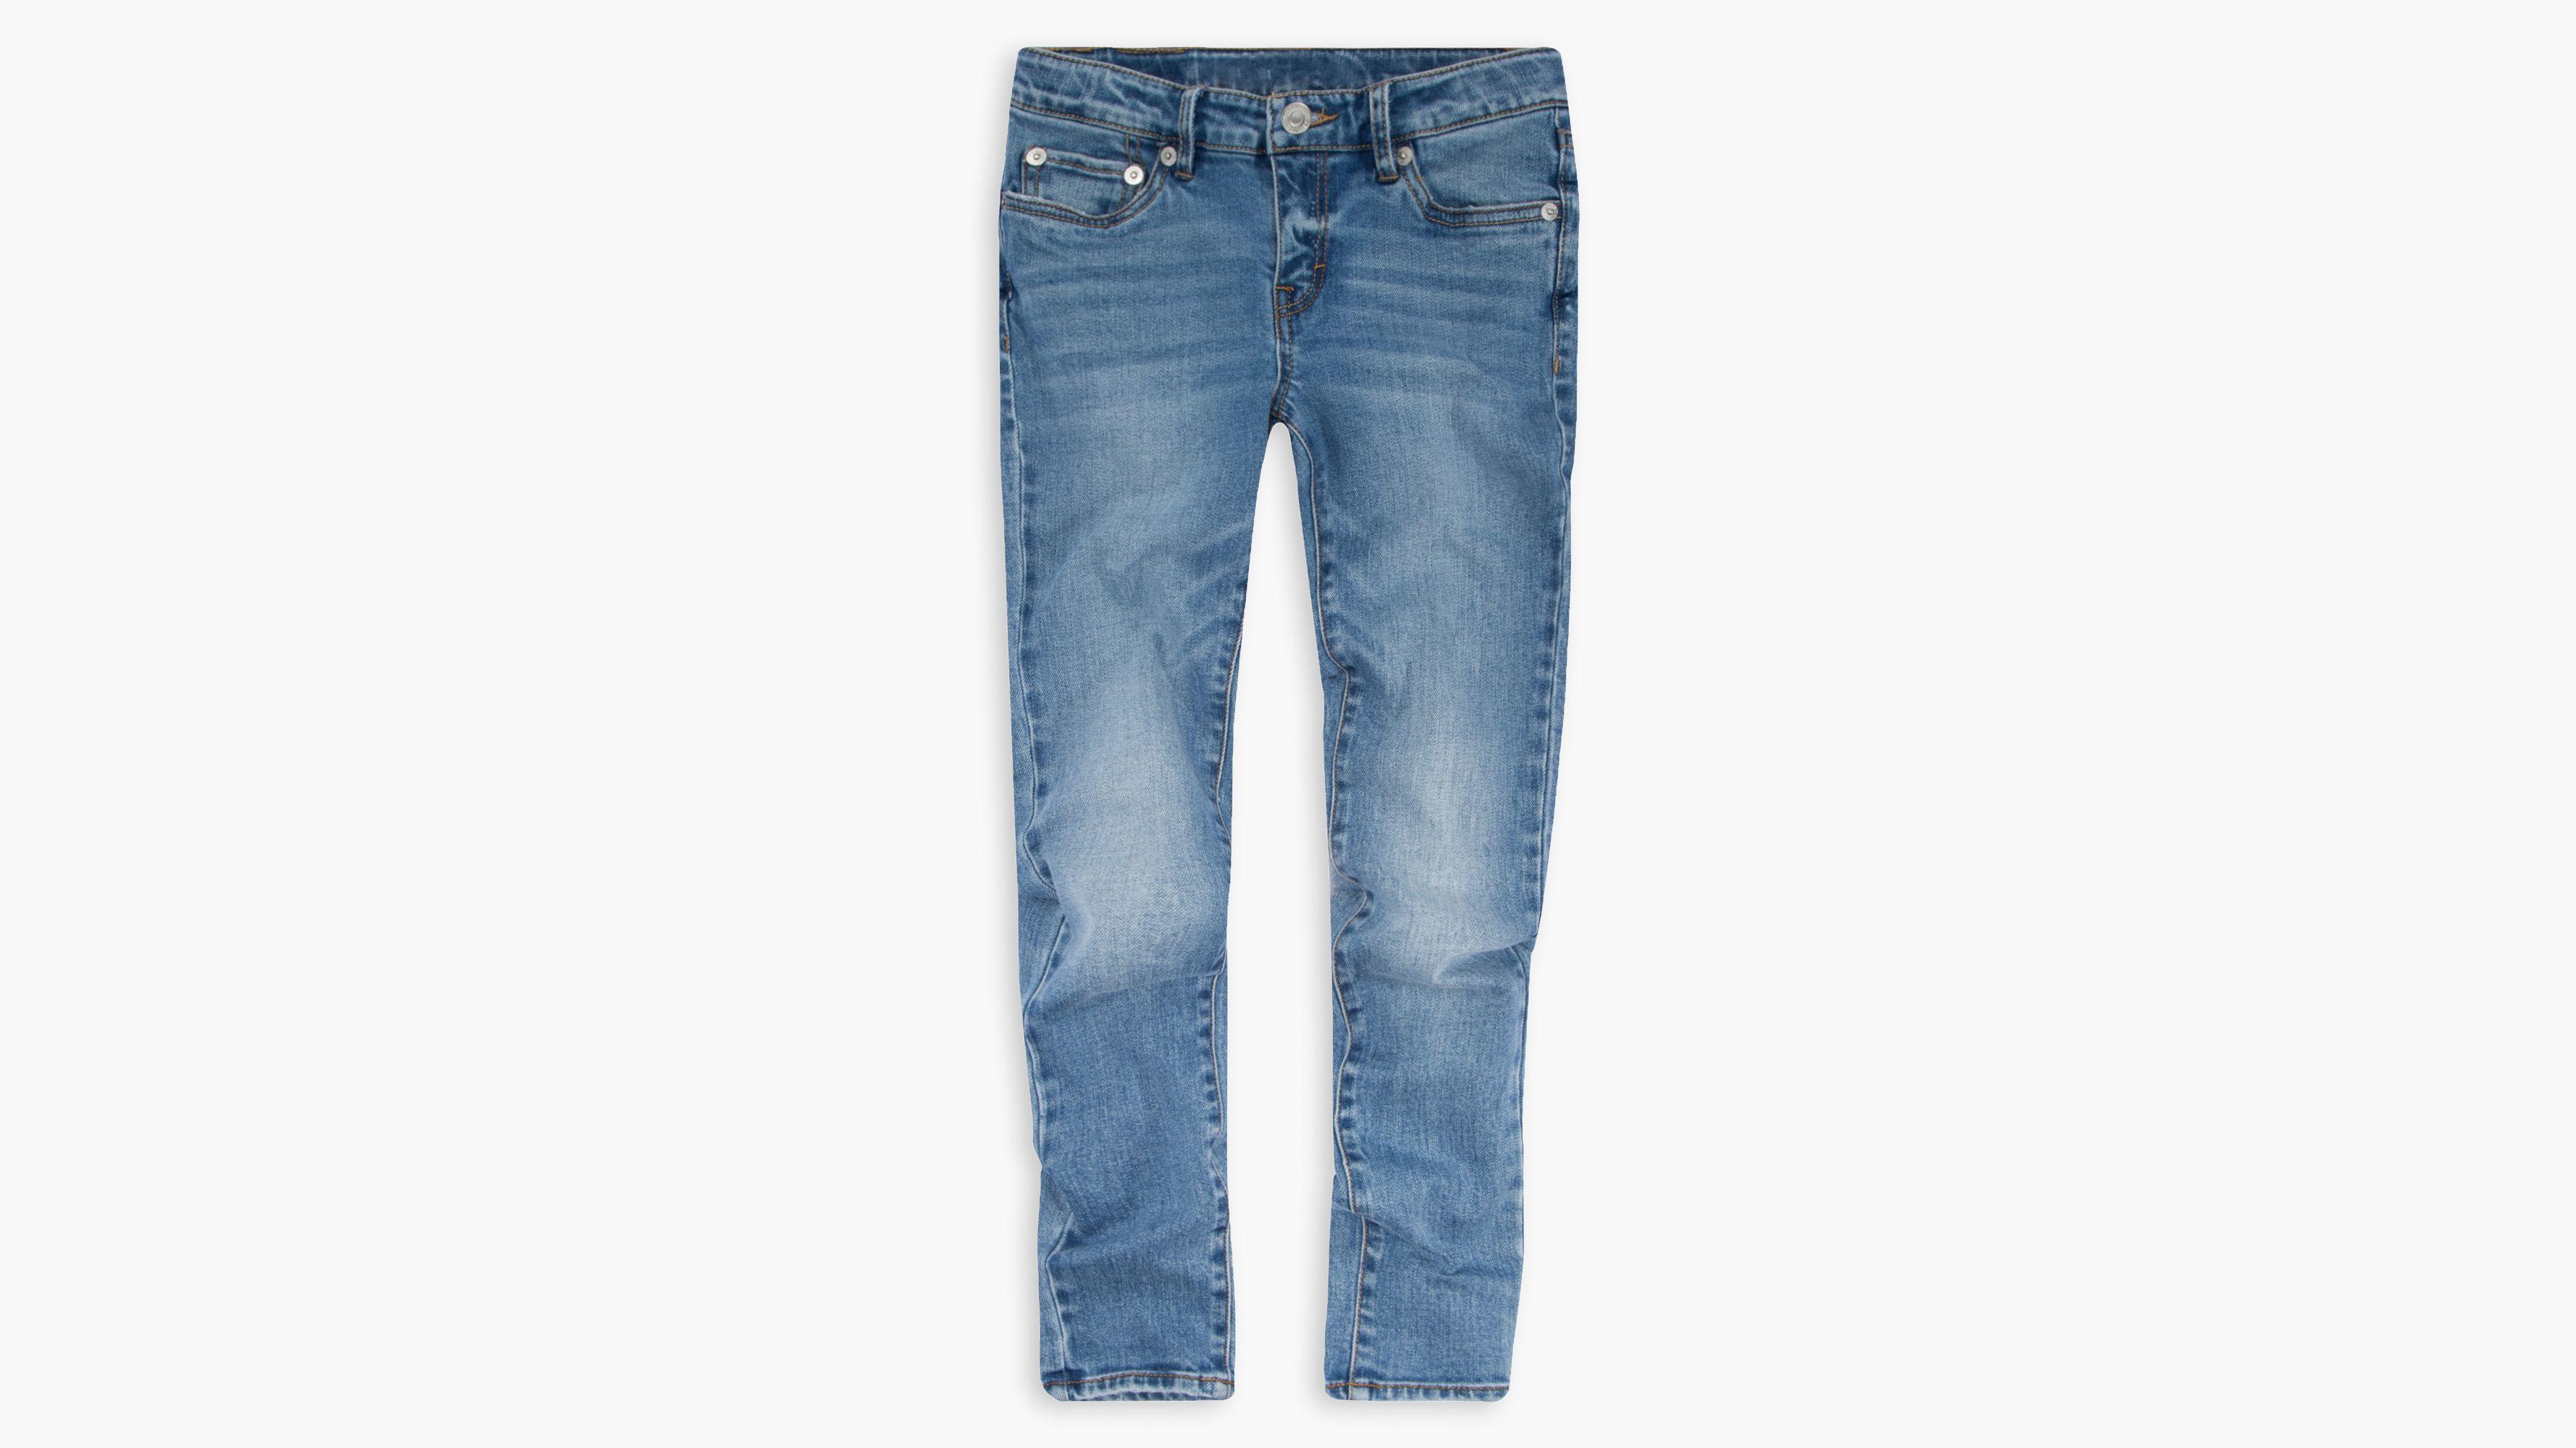 Vêtements Fille | Levi's® FR